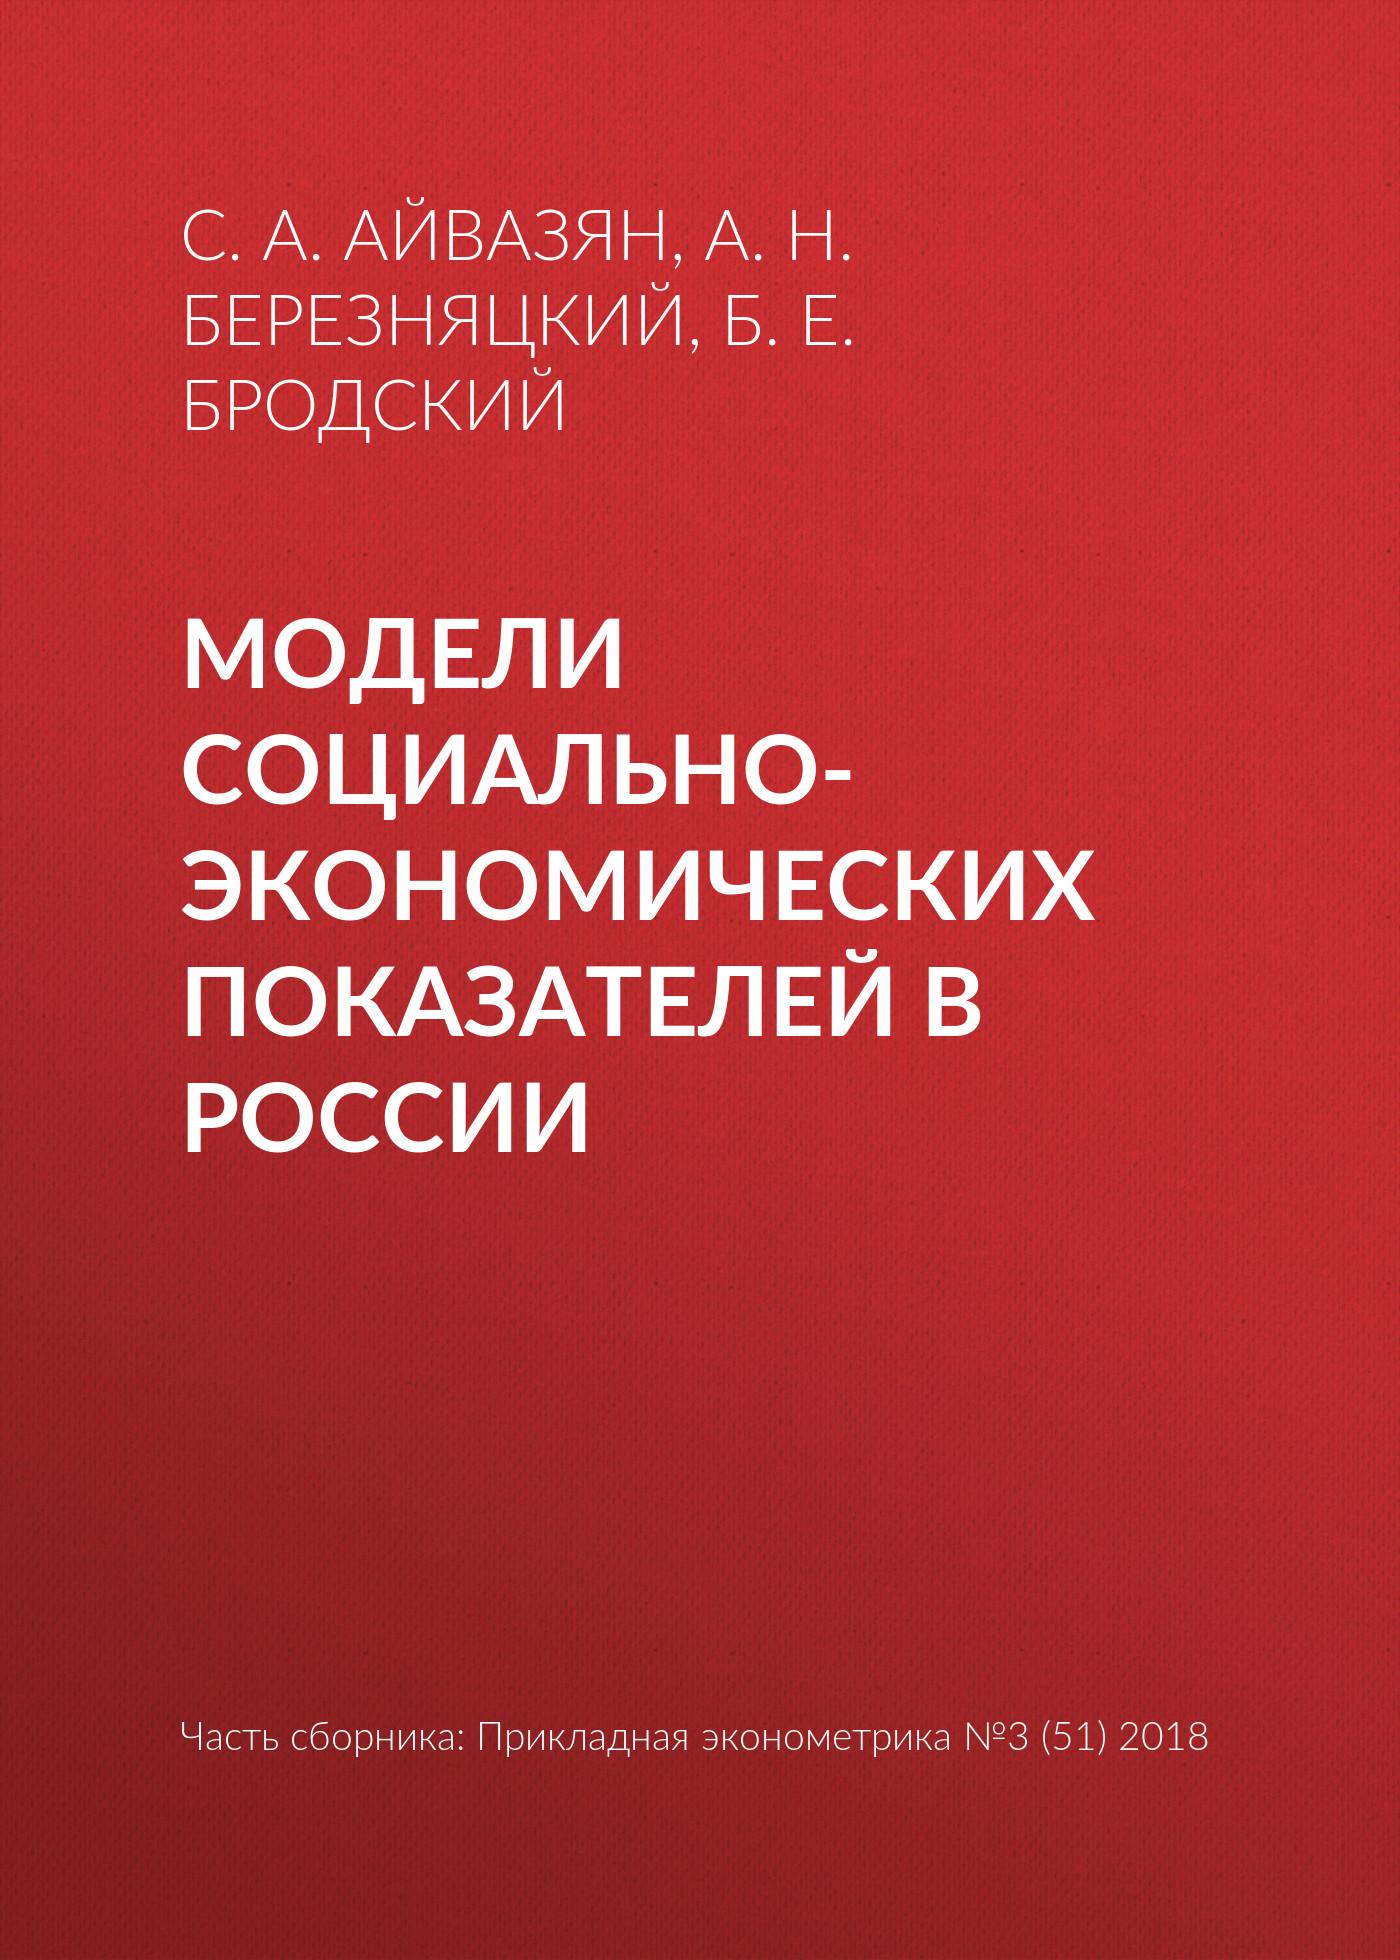 Модели социально-экономических показателей в России